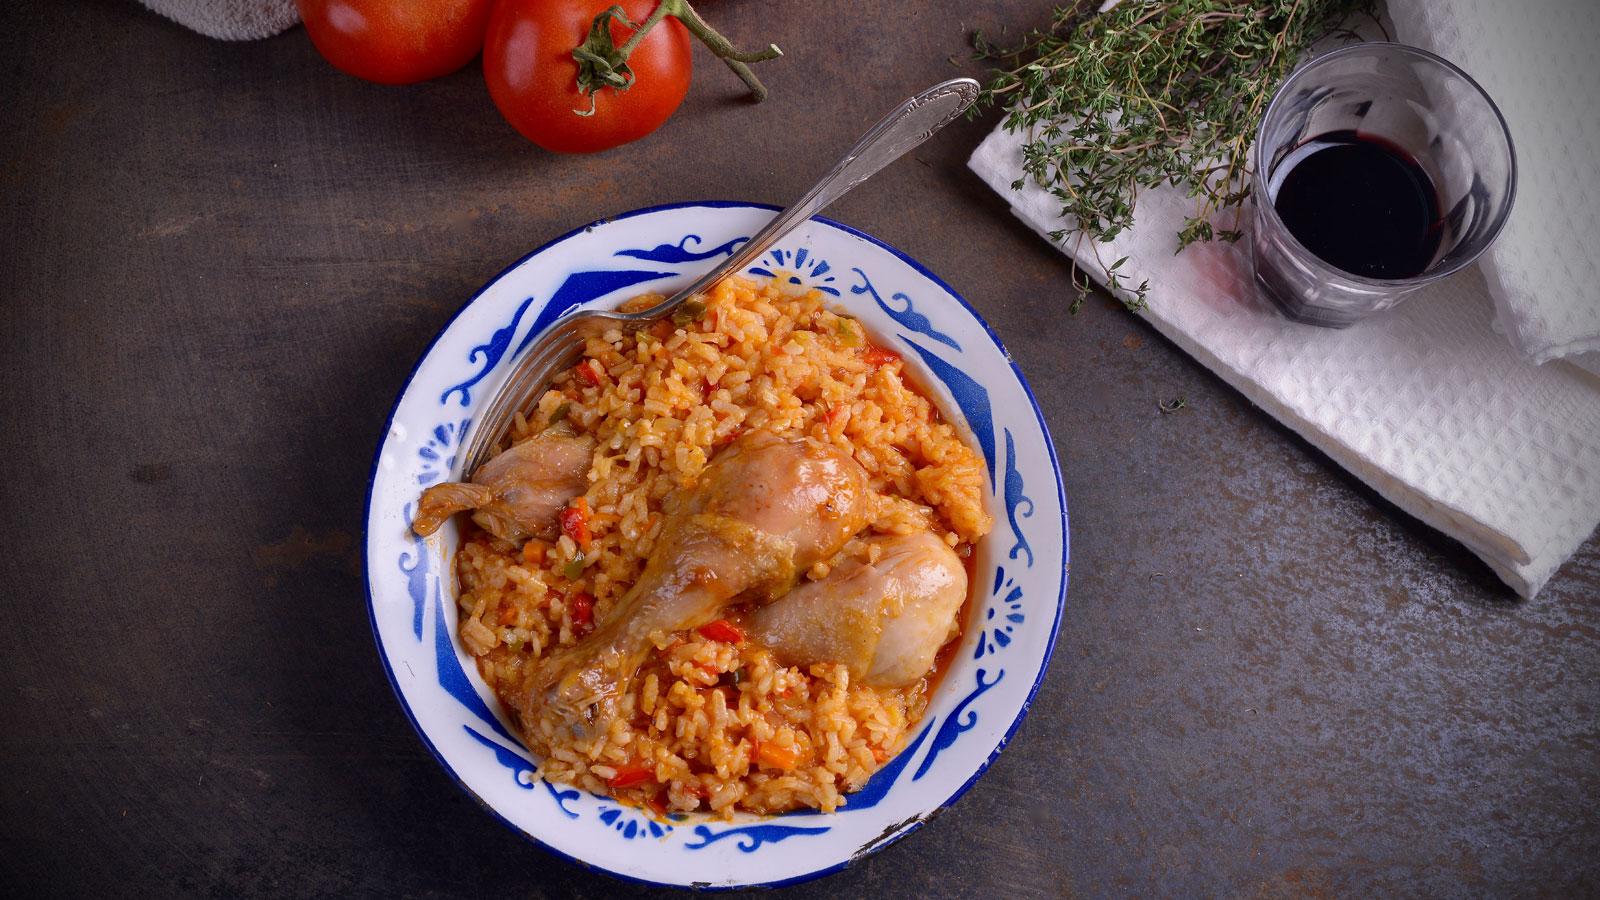 Arroz con verduras y pollo hermana mar a jos receta canal cocina - Divinos pucheros maria jose ...